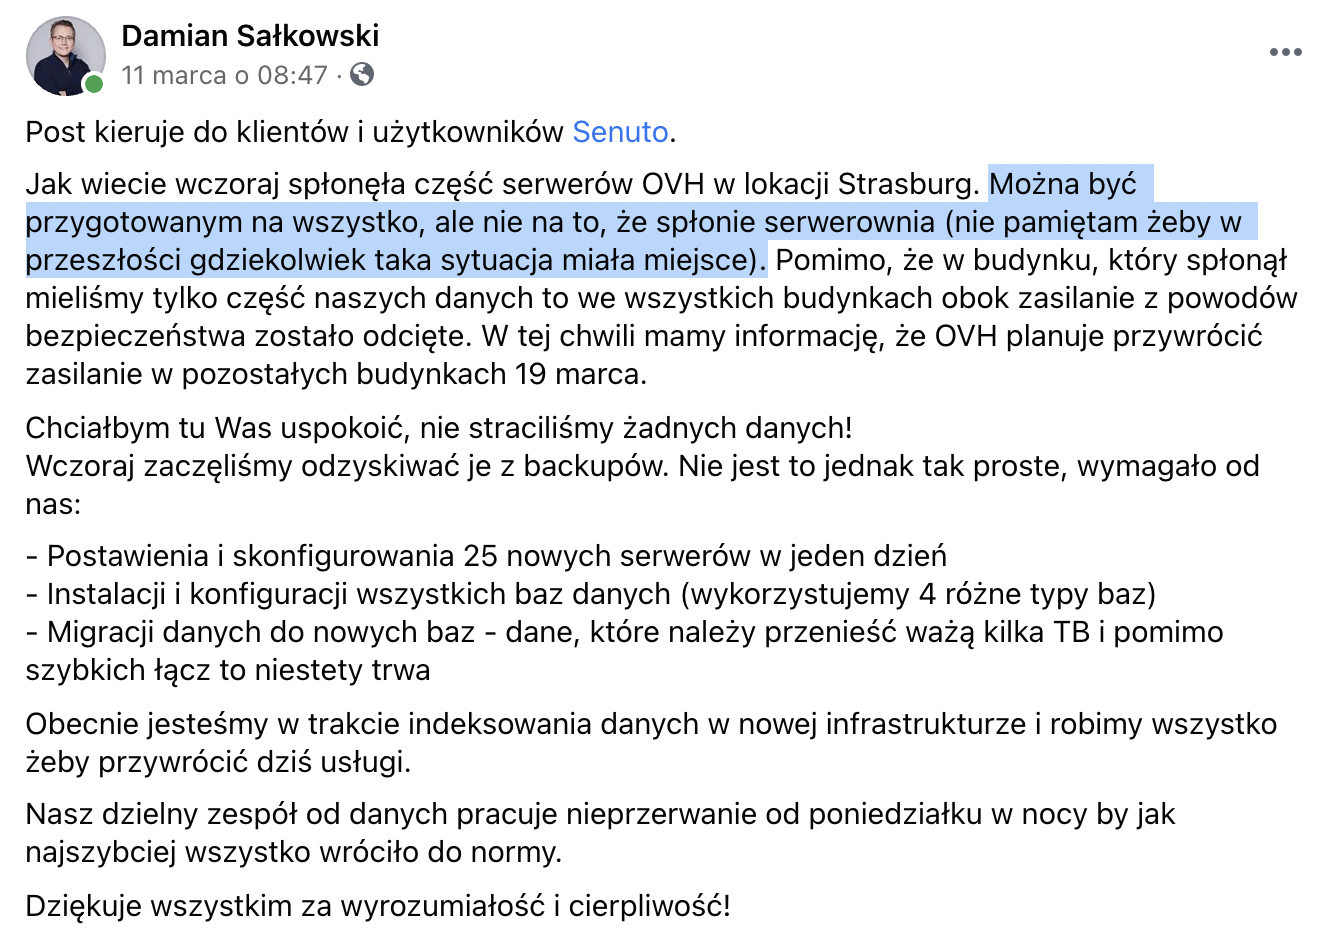 Damian Sałkowski - CEO w: Senuto